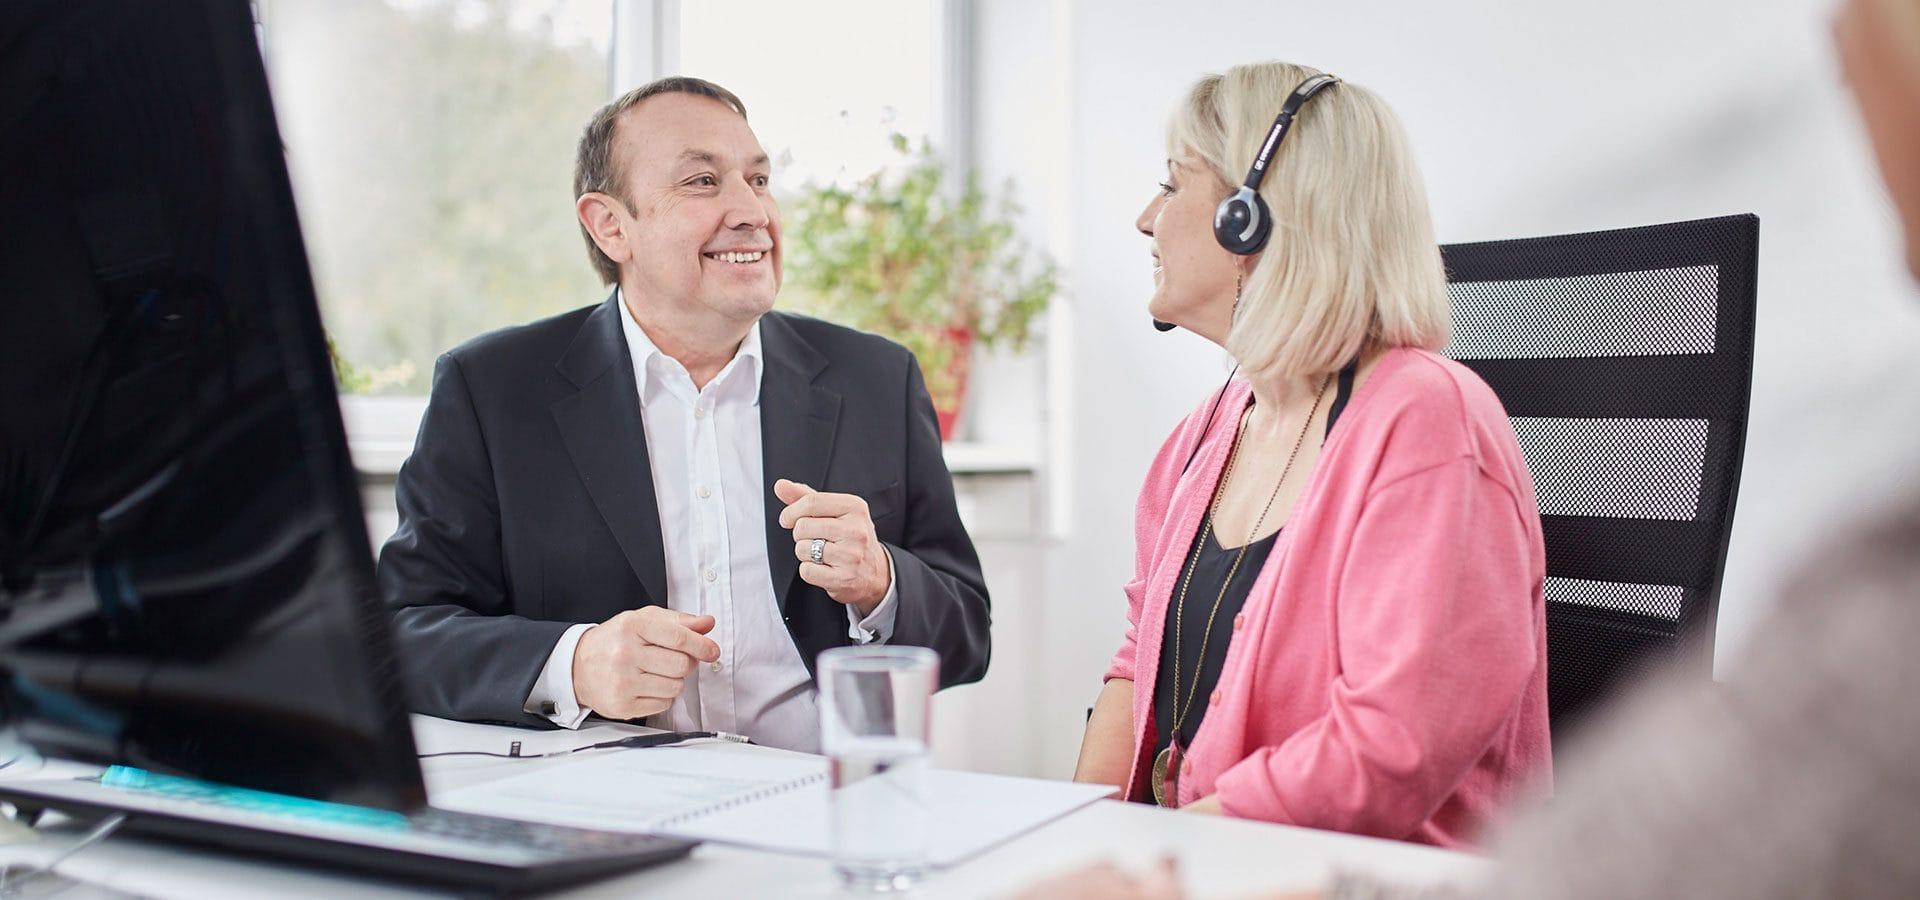 Ulrich Velz Vertriebscoaching für Kunden und Mitarbeiter SAY Sales Agency